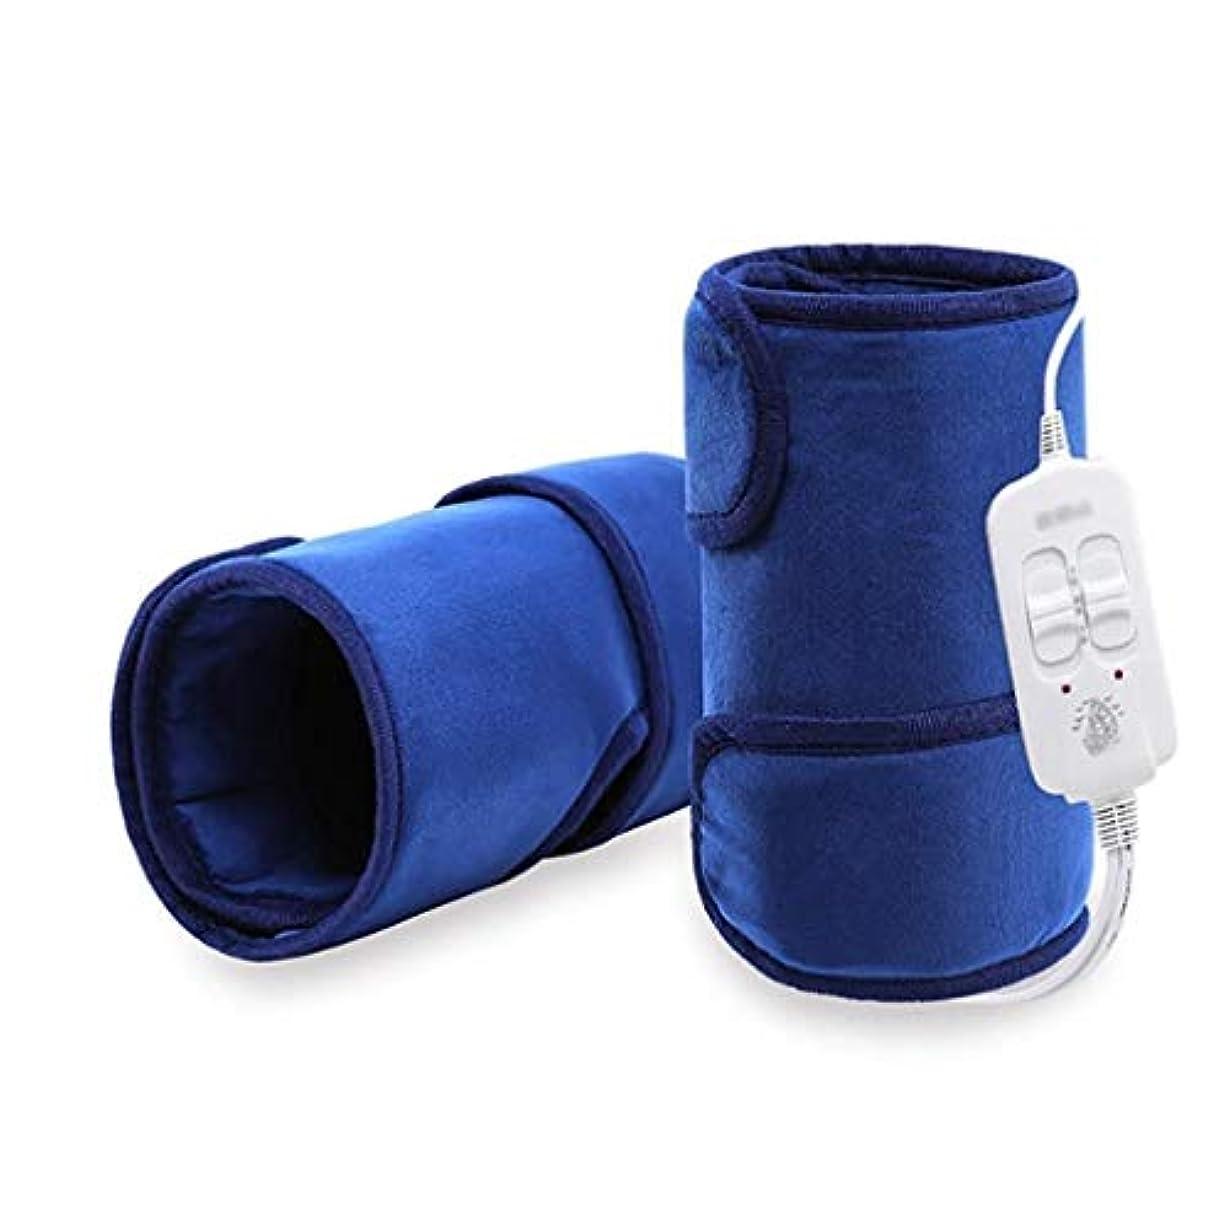 運河テキスト二レッグケアマッサージャー、加熱膝パッド、脚Pad/温かい/温湿布/遠赤外線、血液循環を促進 (Color : 青)